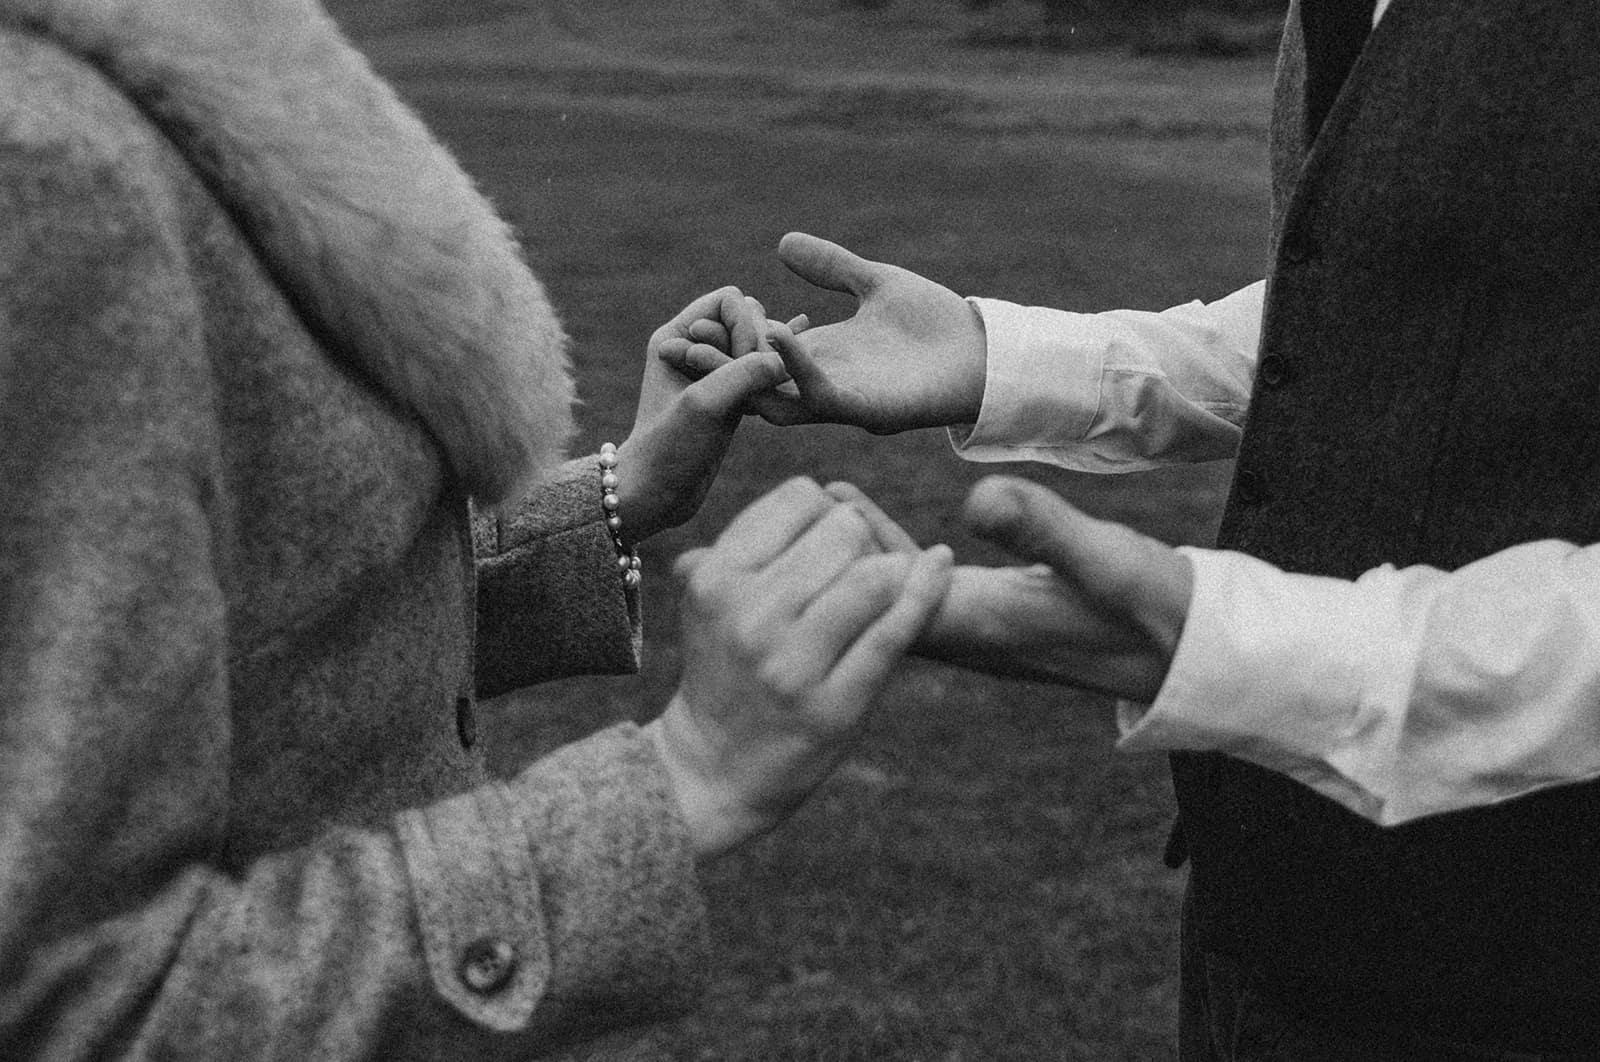 Ein Mann und eine Frau halten sich an den Händen, während sie nahe beieinander stehen